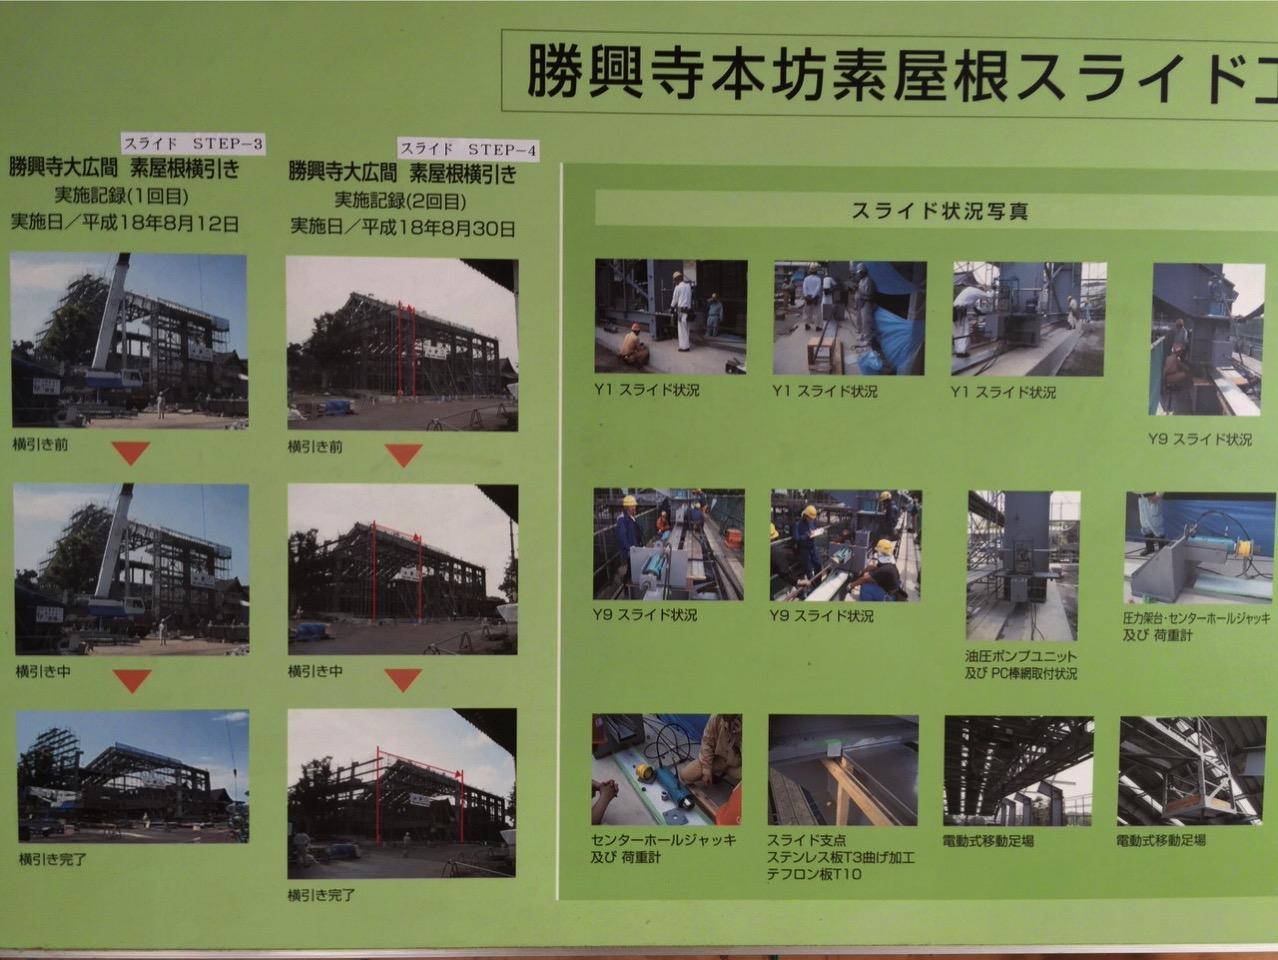 Toyama takaoka fusjiki shoukouji 1818